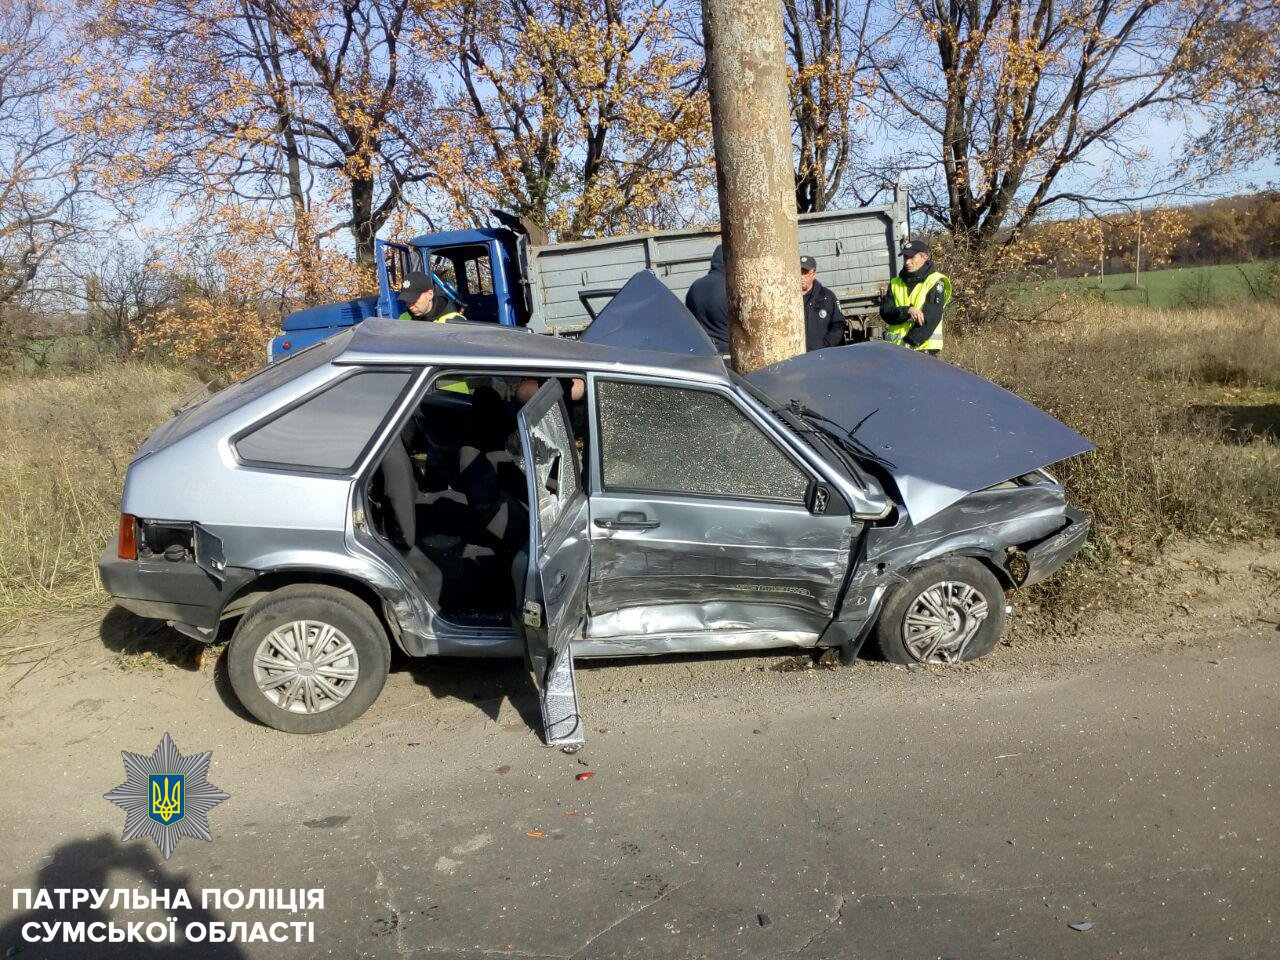 В результате ДТП в Сумах пострадал мужчина и ребенок, фото-3